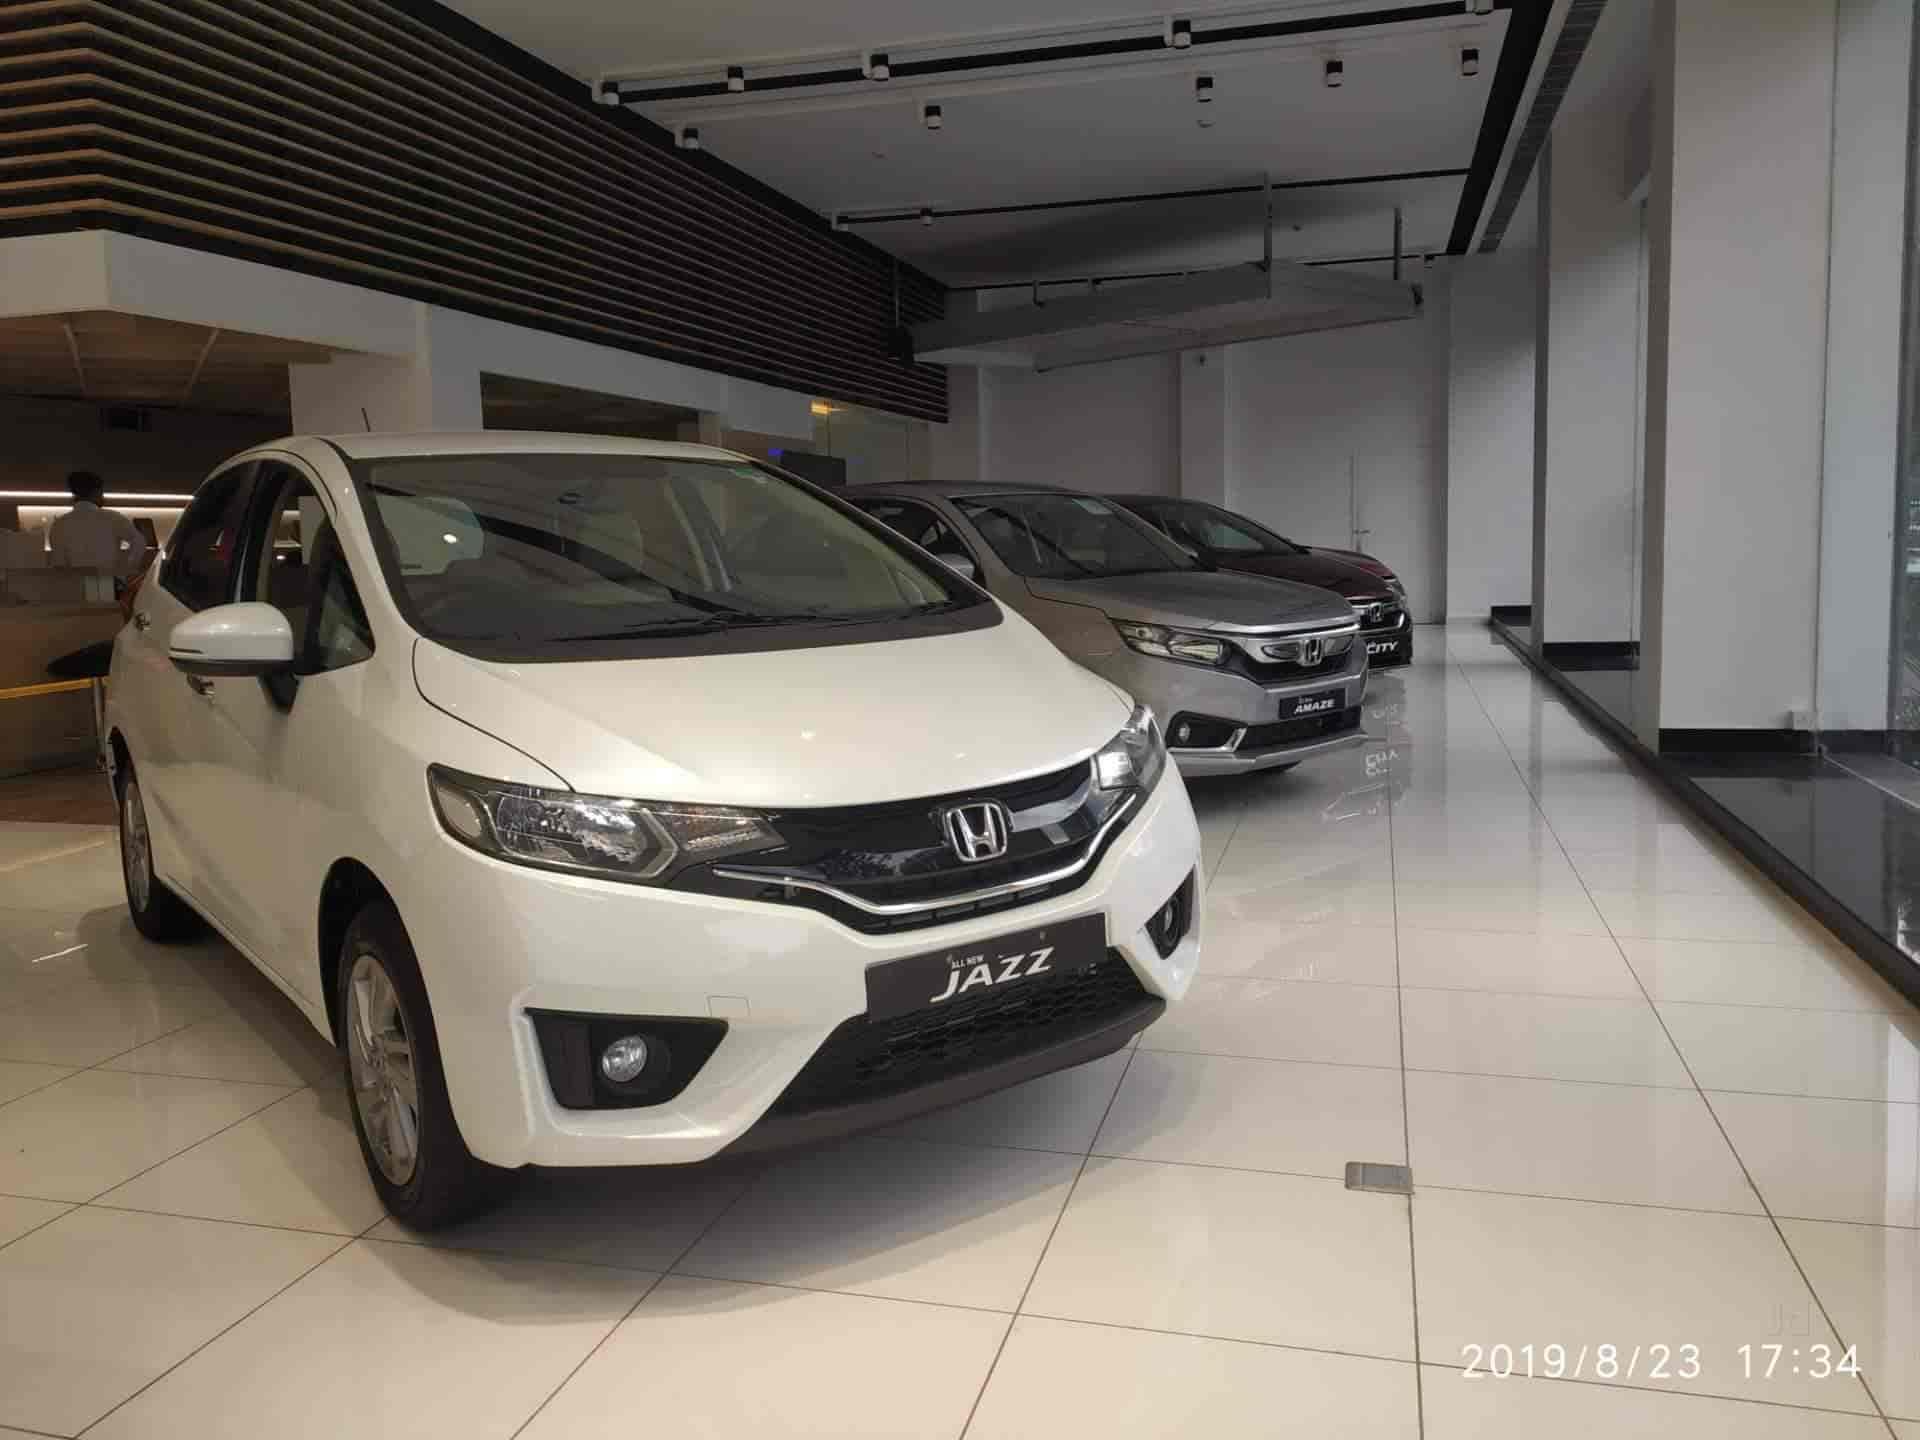 Sundaram Honda, Mount Road - Car Dealers-Honda City